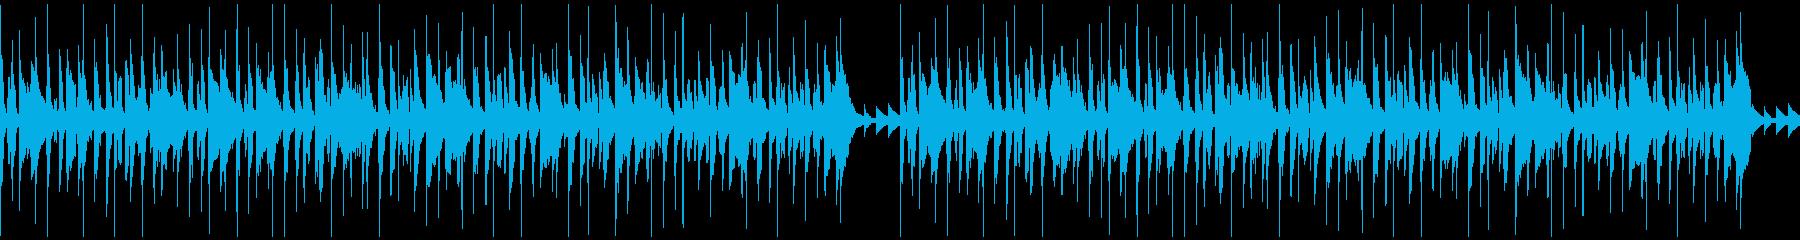 口笛&ウクレレ/ほのぼのかわいい/ループの再生済みの波形